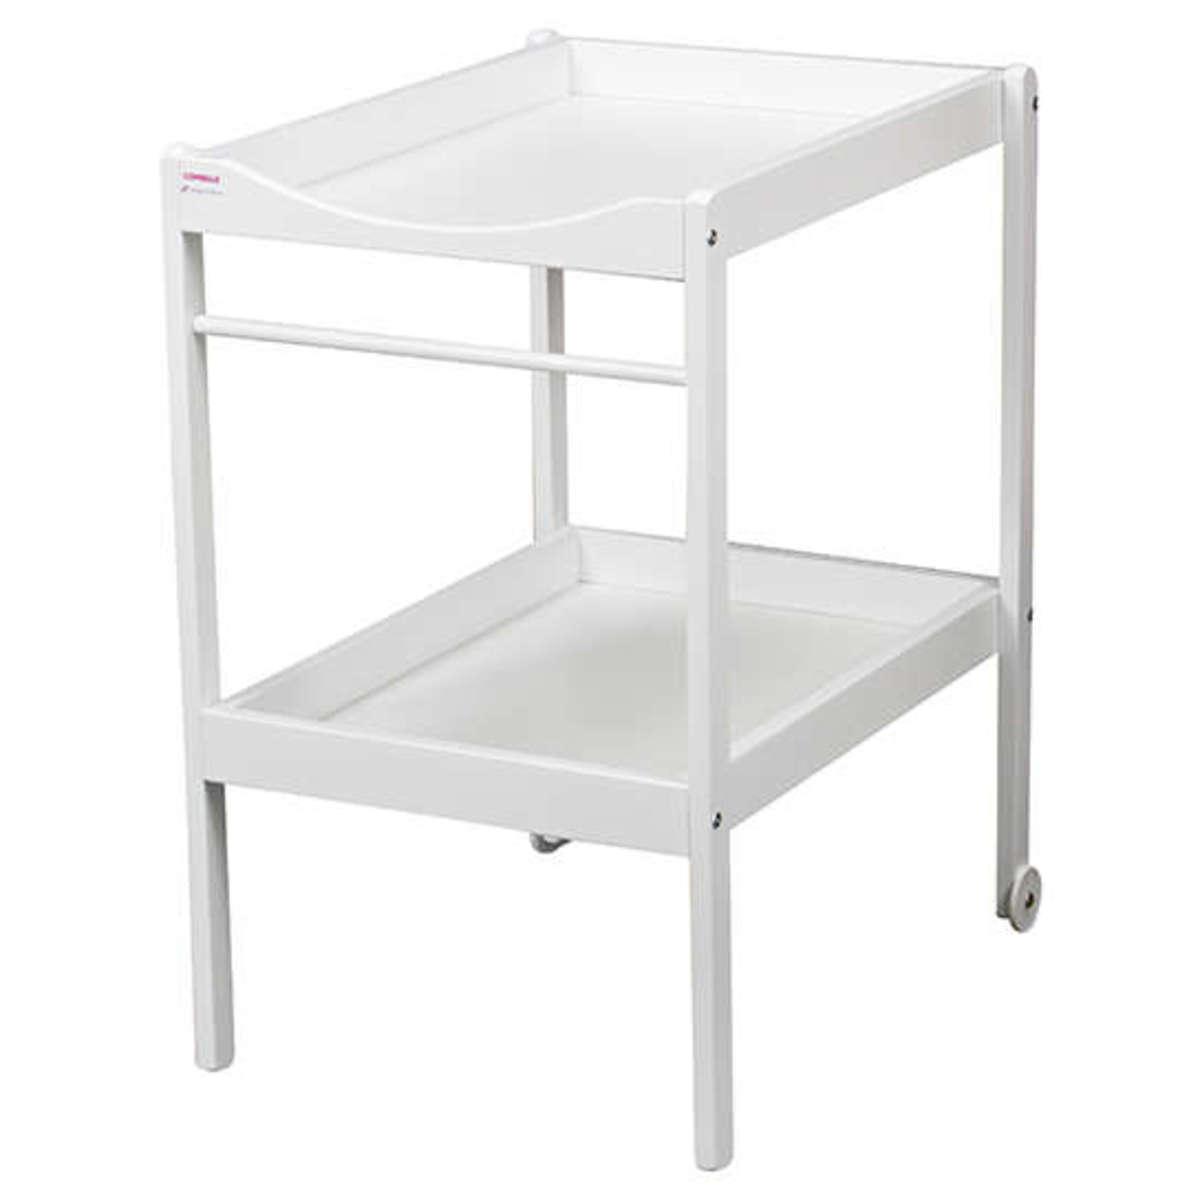 Table à langer Table à Langer Alice - Blanc Table à Langer Alice - Blanc